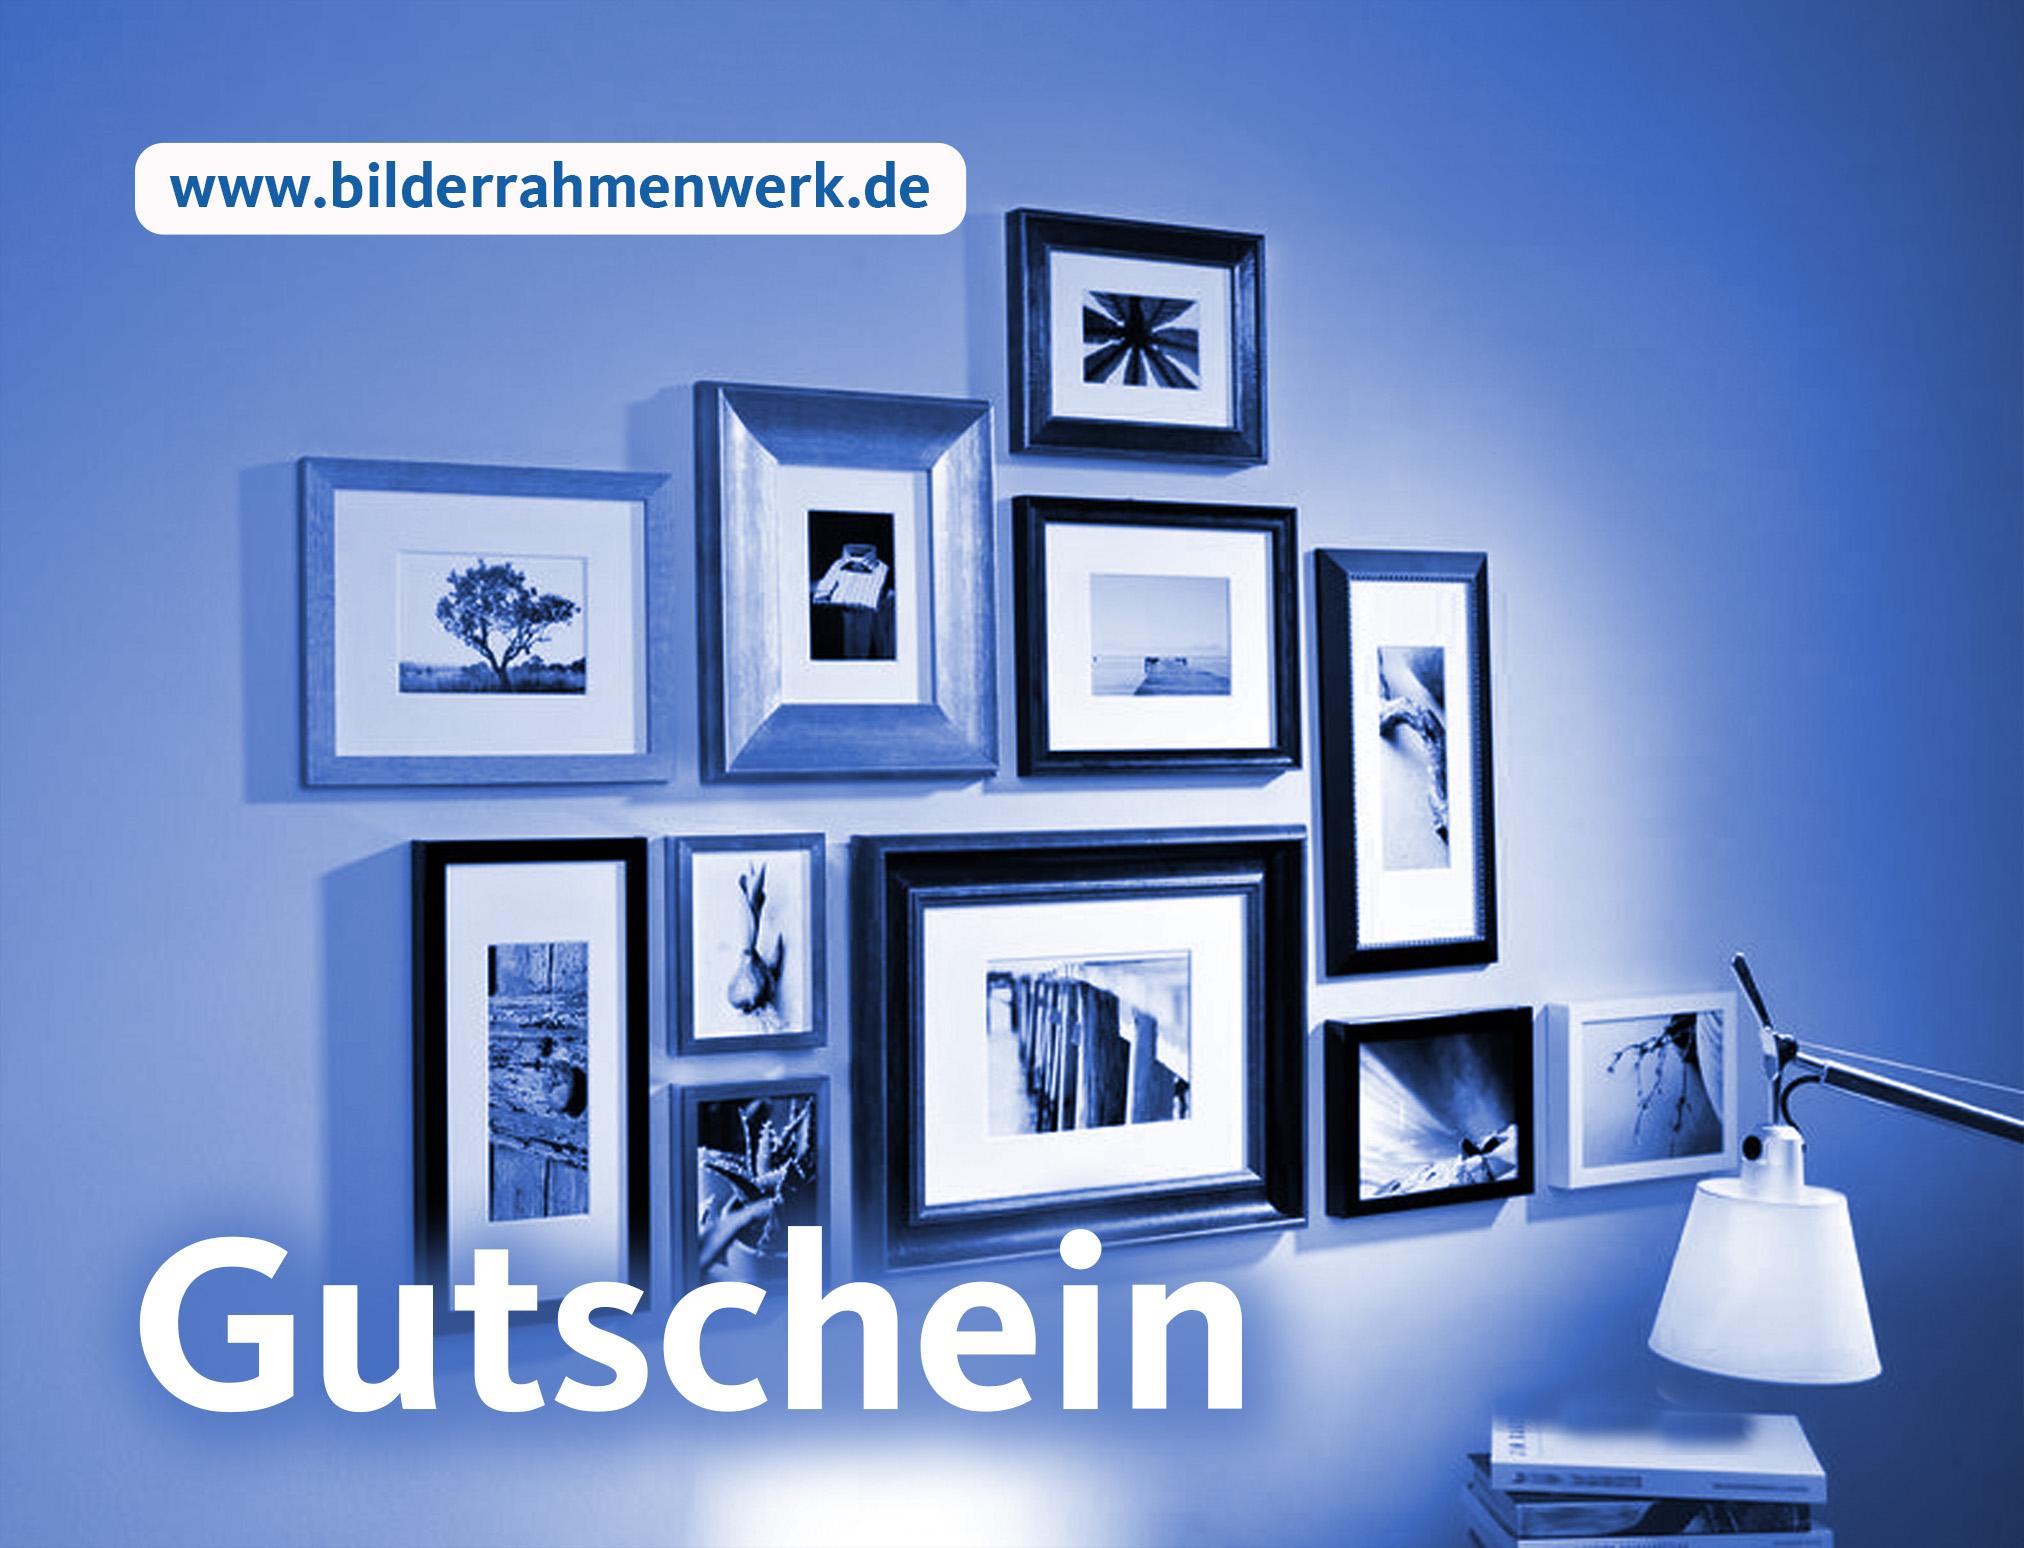 Geschenk-Gutschein für www.bilderrahmenwerk.de | Bilderrahmenwerk